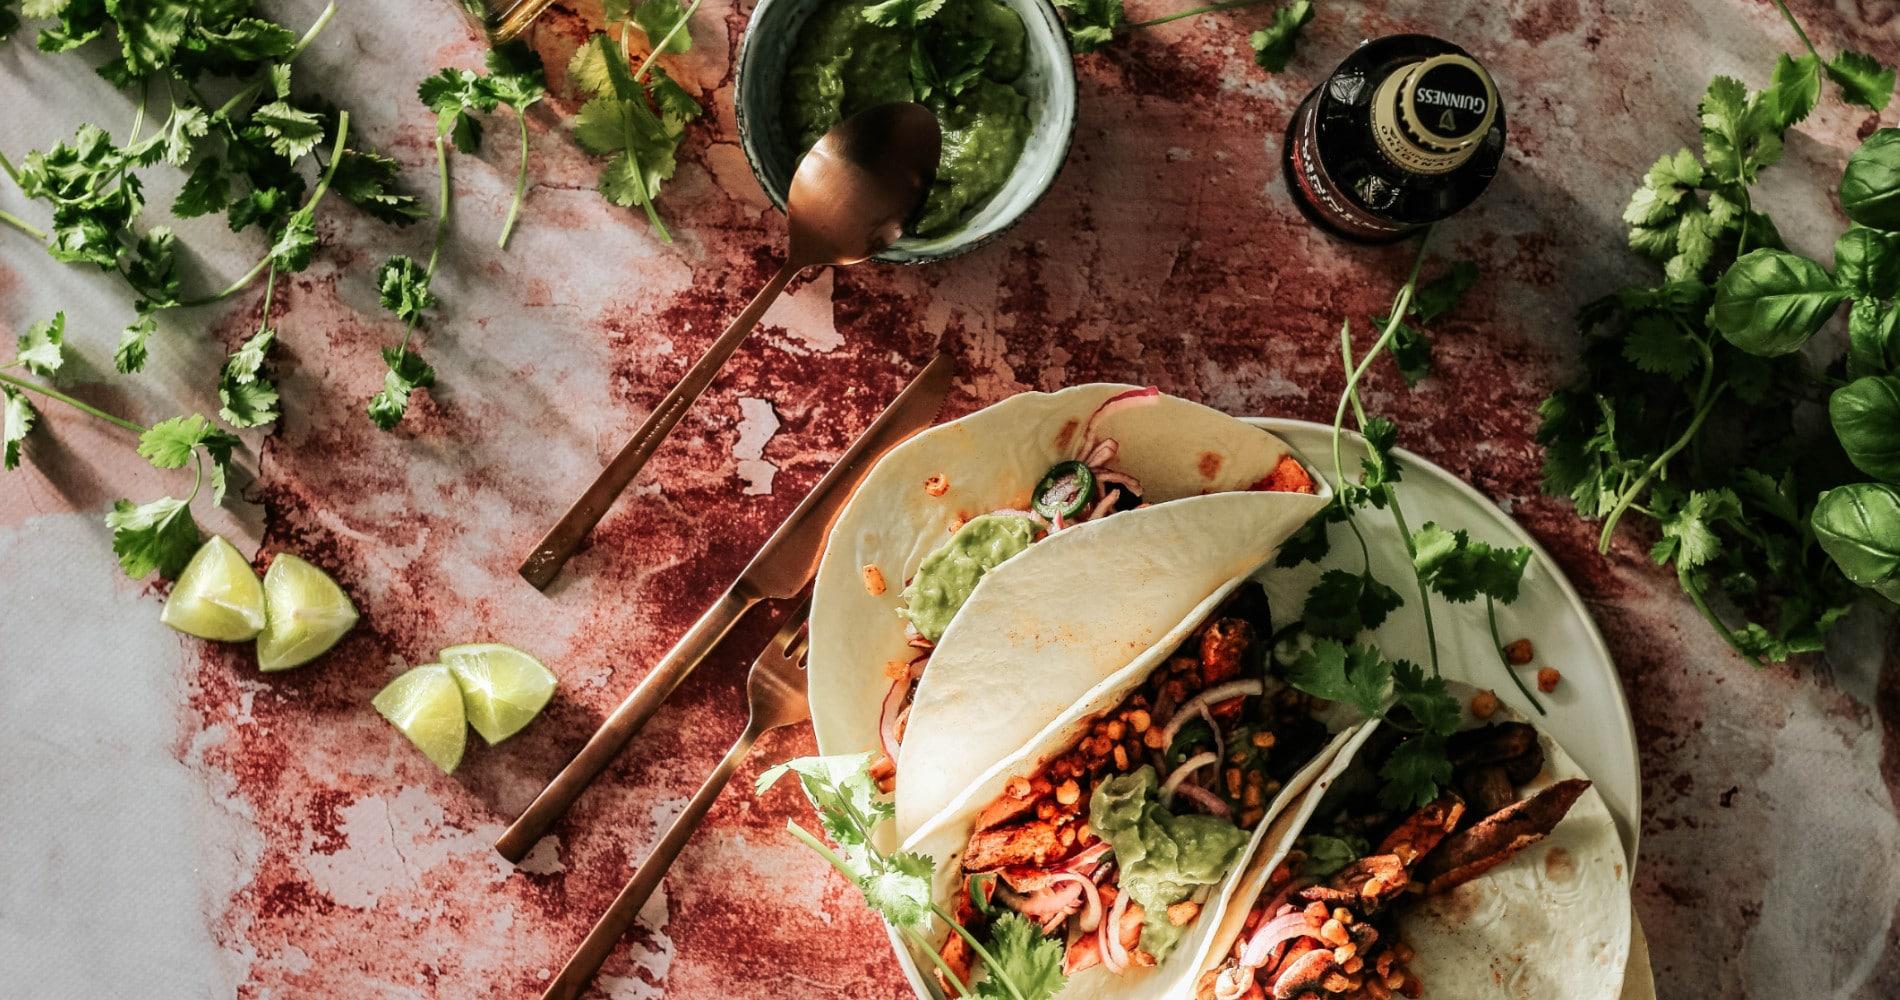 cours-de-cuisine-en-ligne-au-mexique-tierra-latina-micheile-henderson